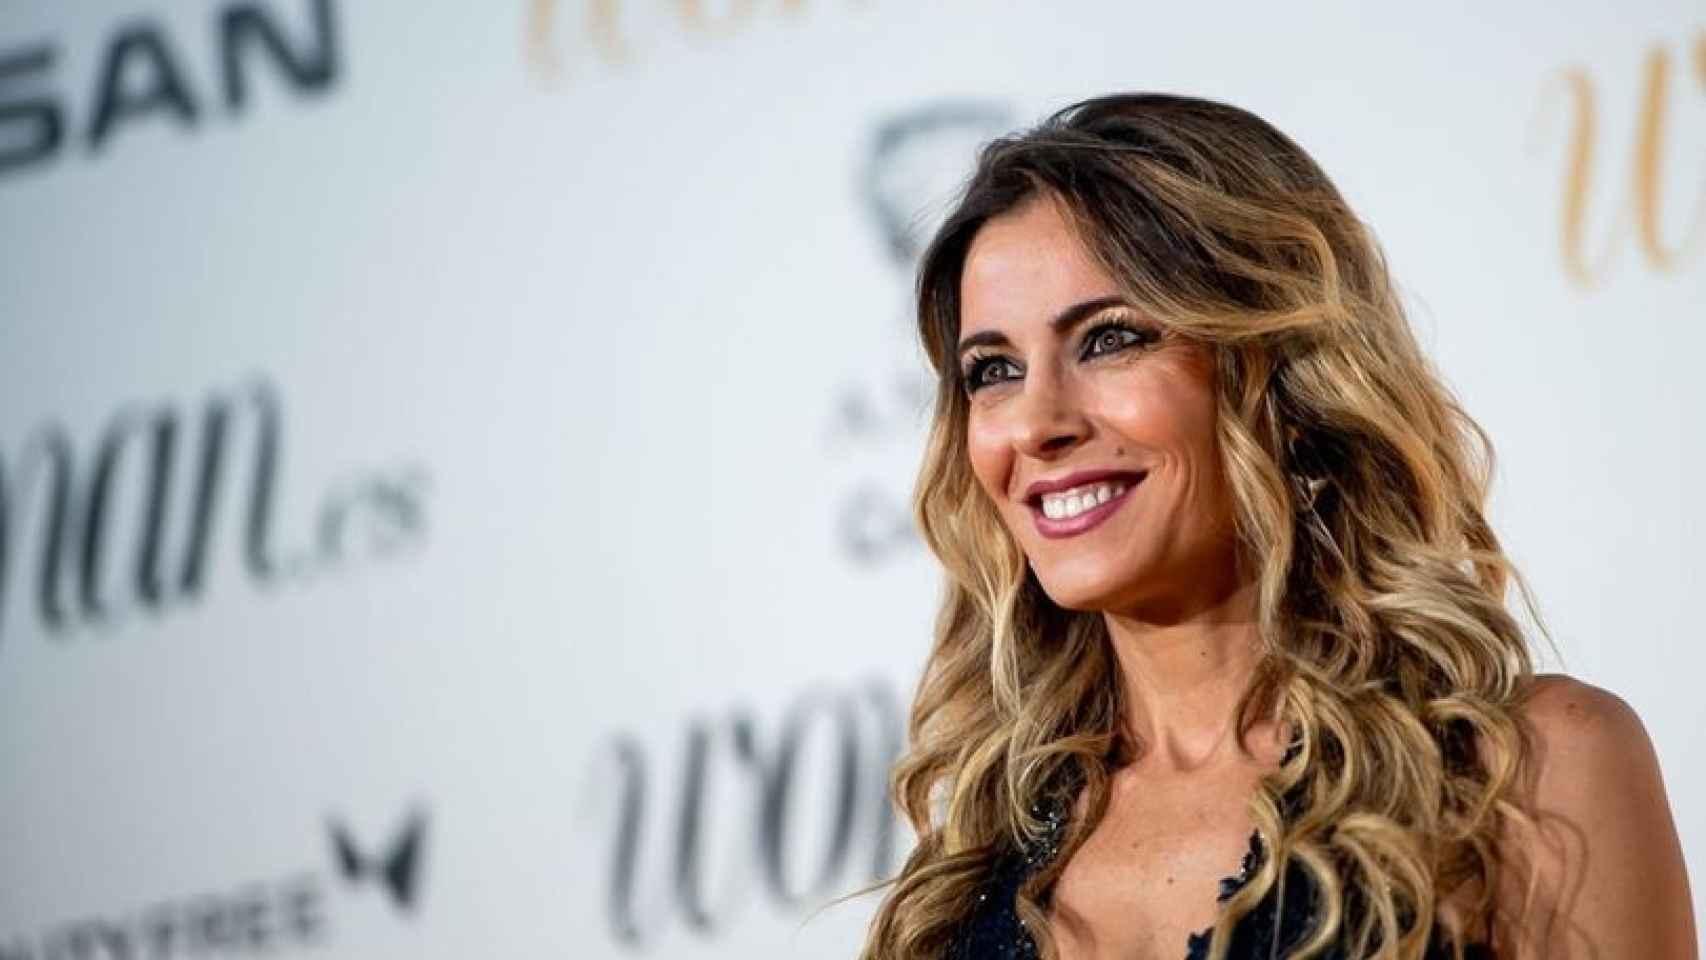 Quién es Bea Jarrín, la periodista que concursa como invitada en 'Pasapalabra'